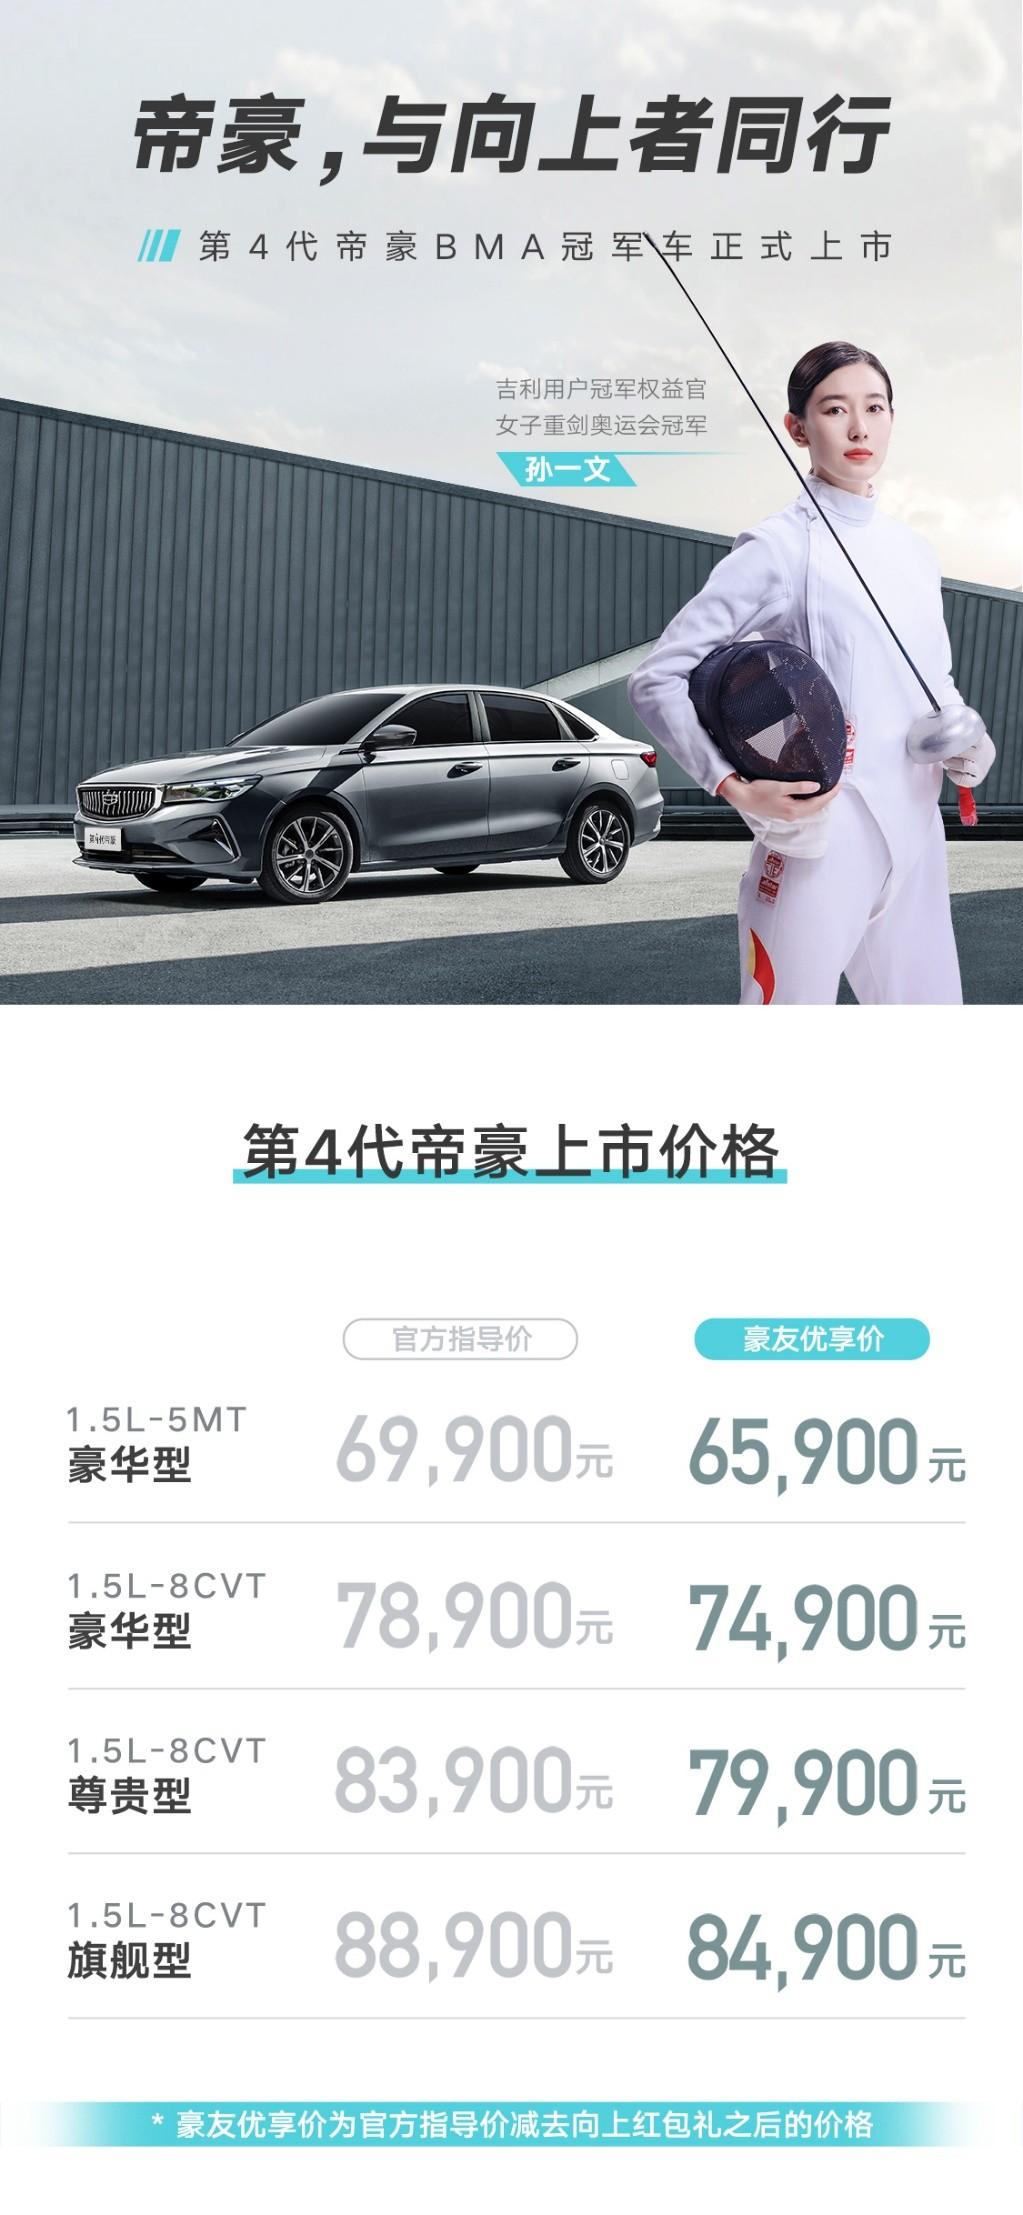 第4代帝豪上市了,6.99万元就能get孙一文、李娜同款座驾